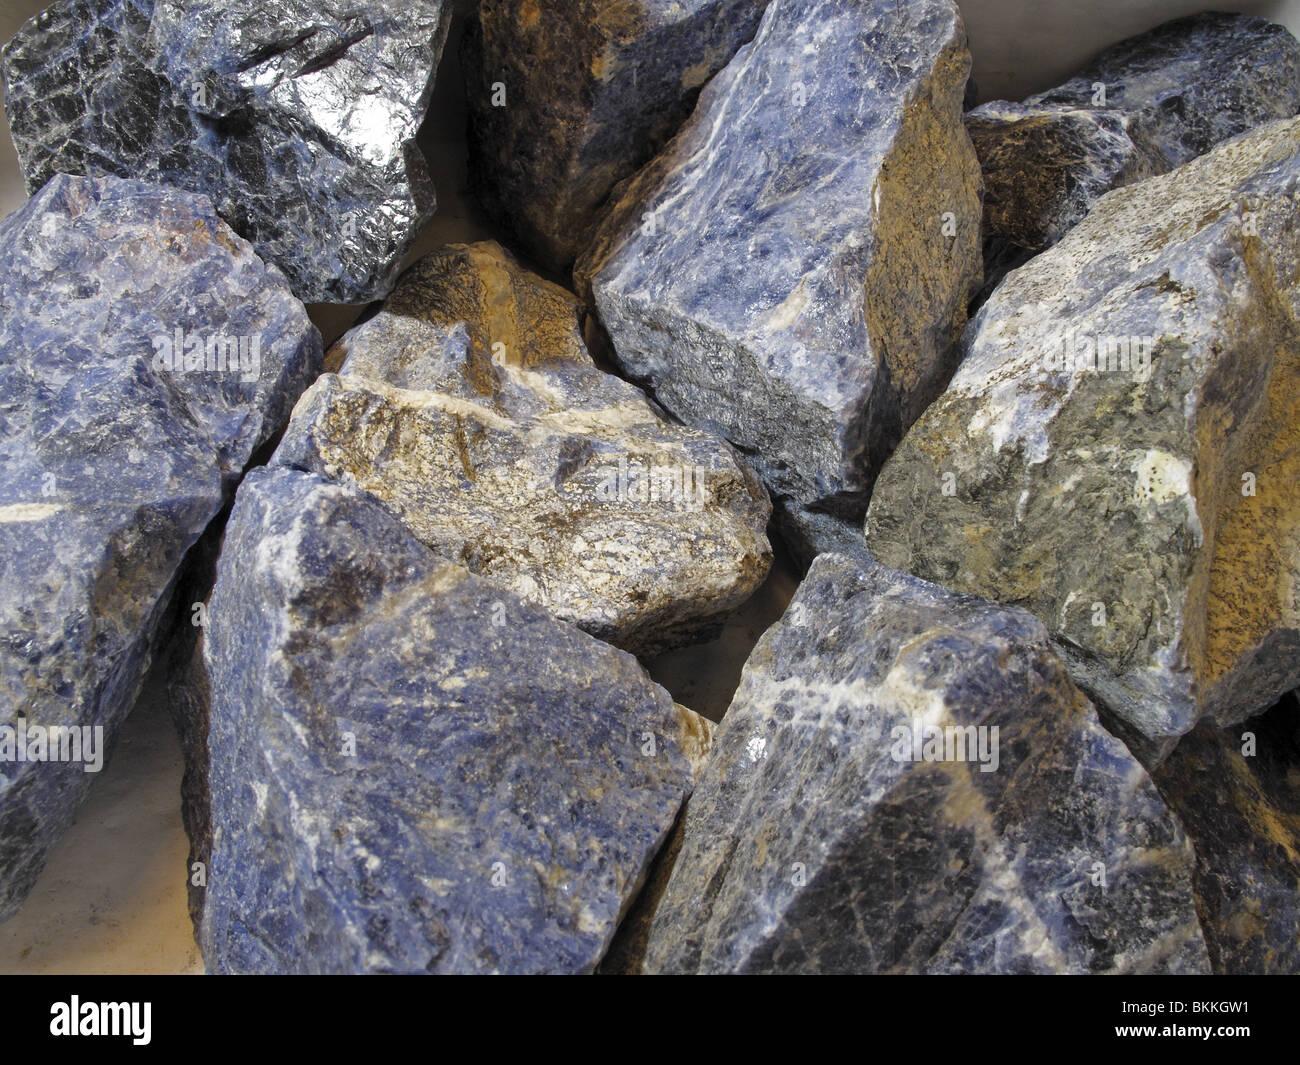 Jewelry Semi Precious Raw Stones